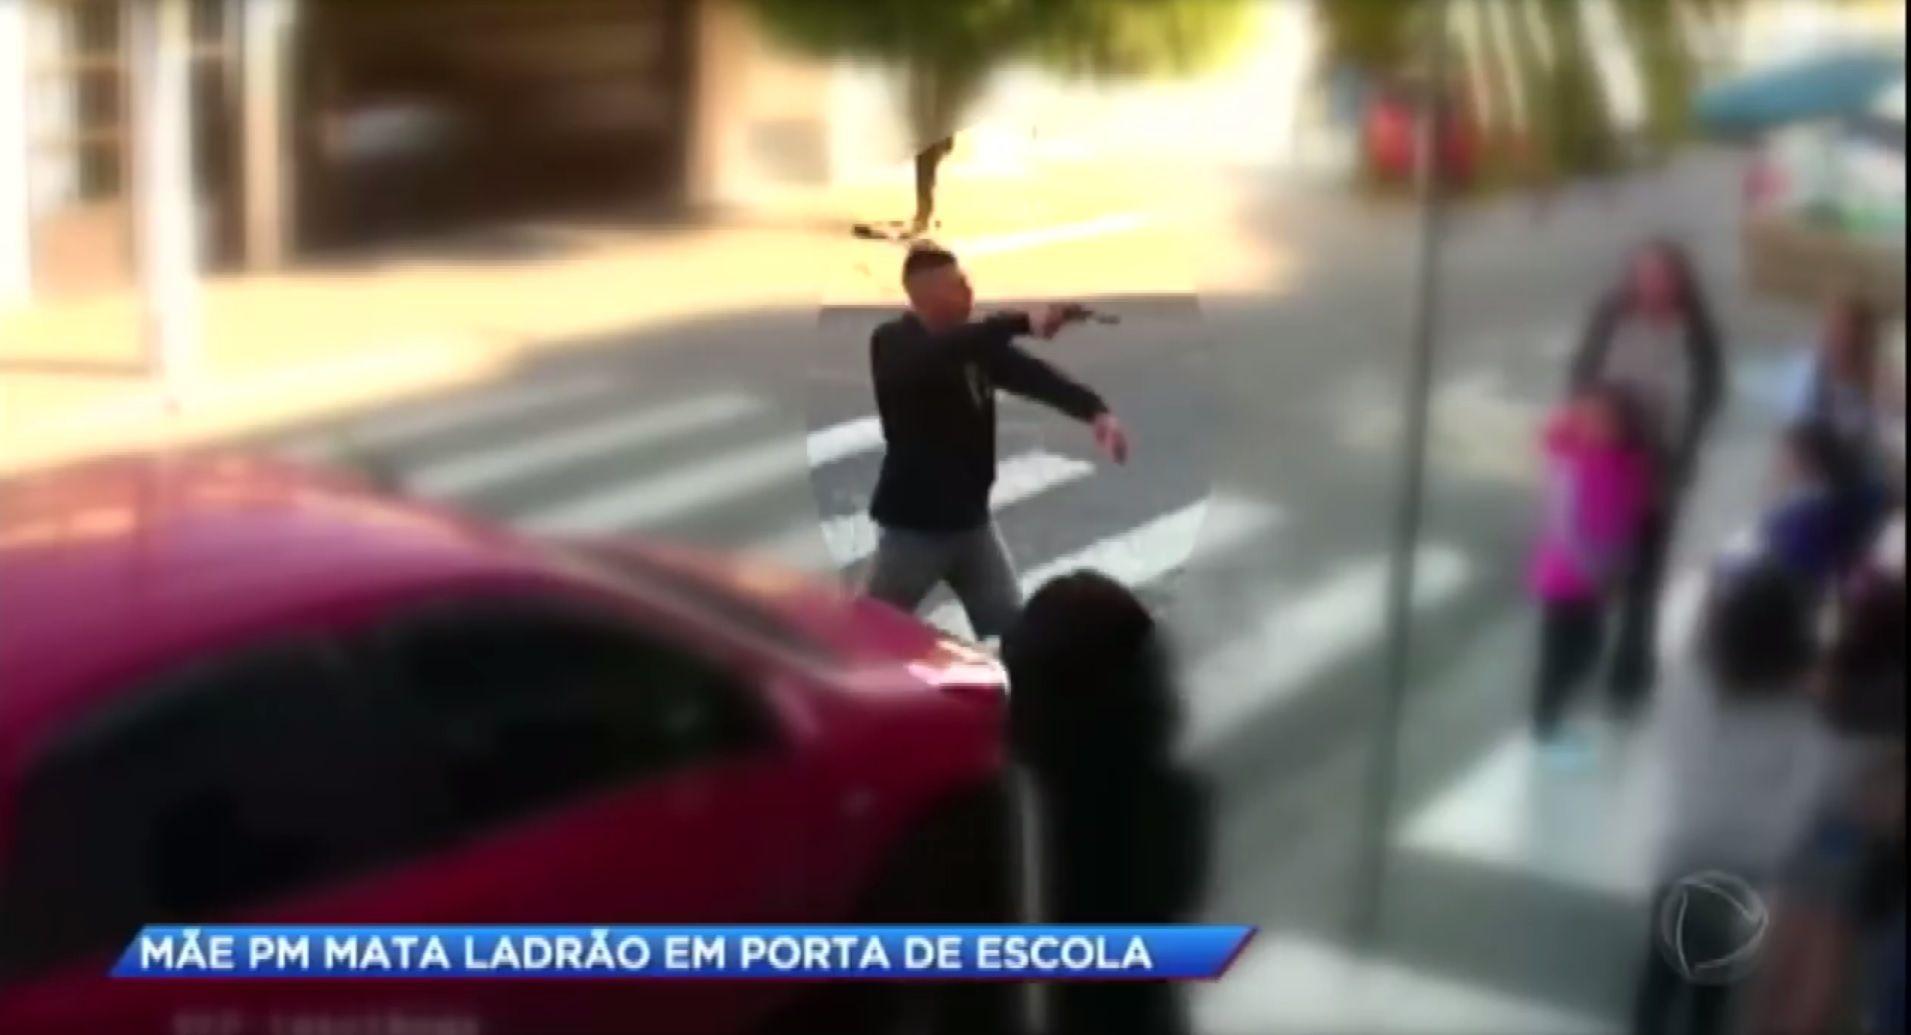 Brasil: una policía de civil mató a un ladrón frente a una escuela llena de chicos